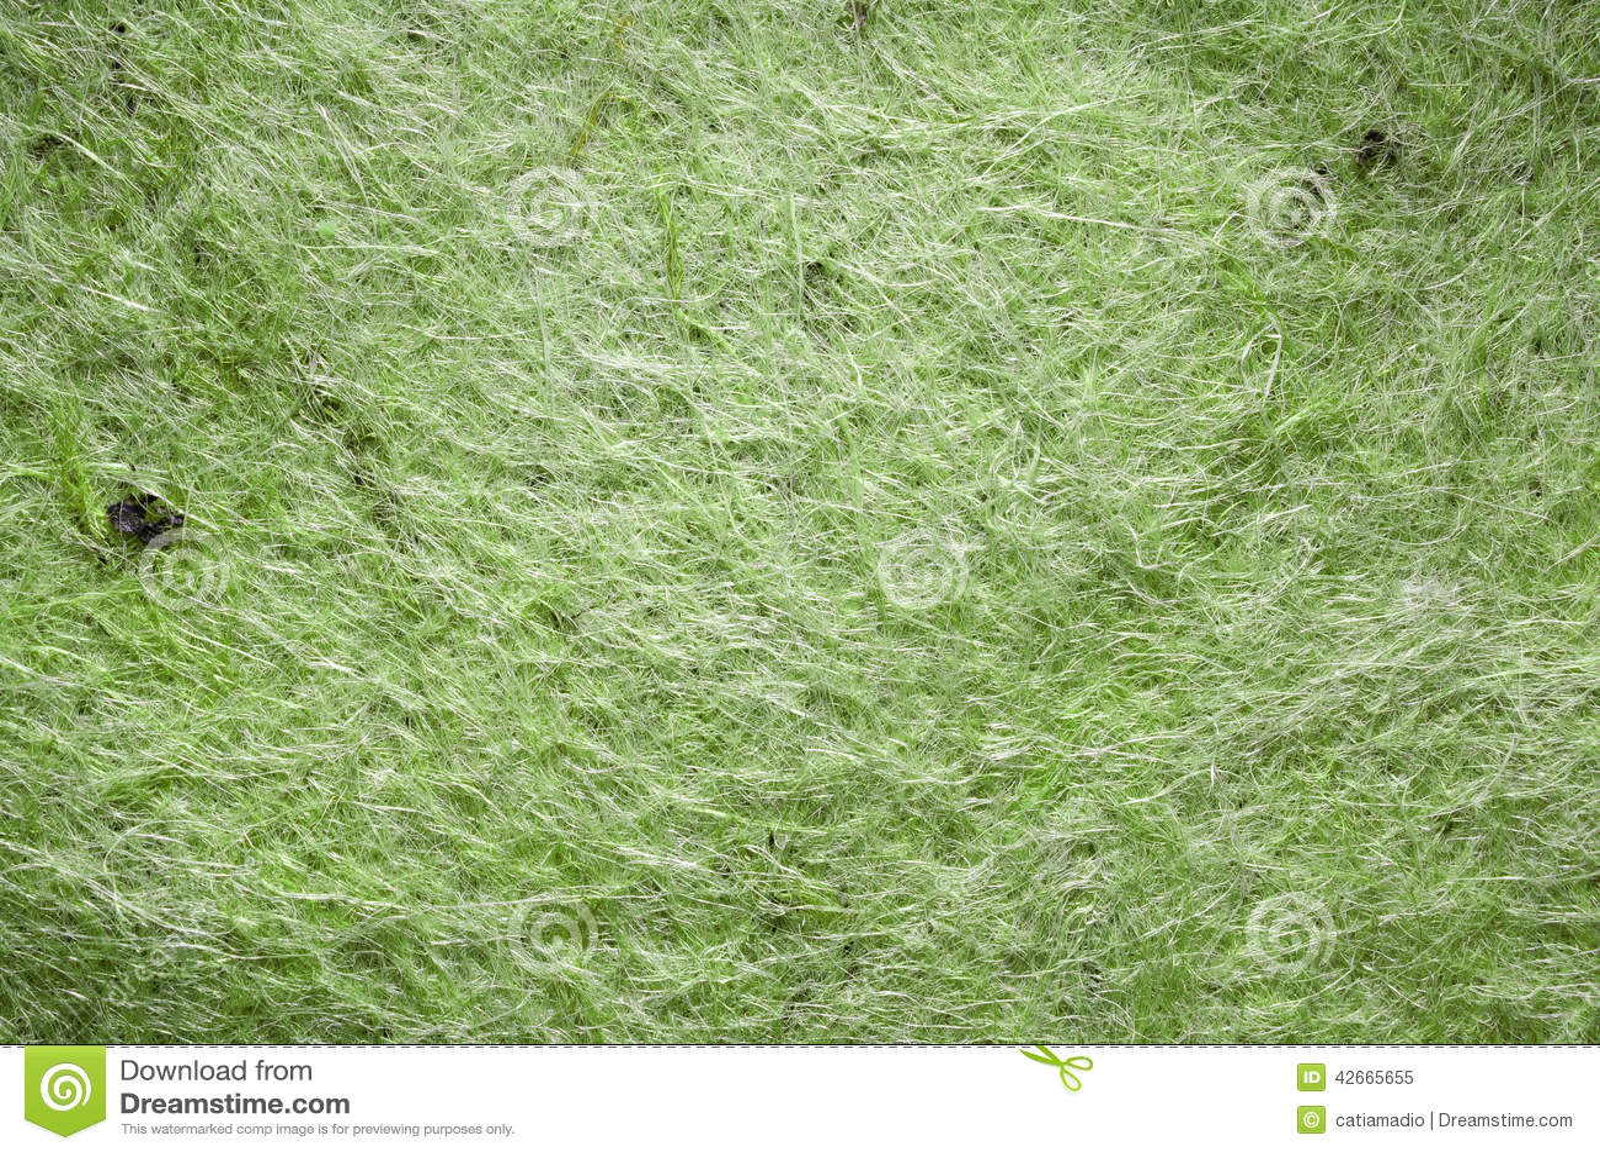 green-felt-texture-closeup-surface-backg